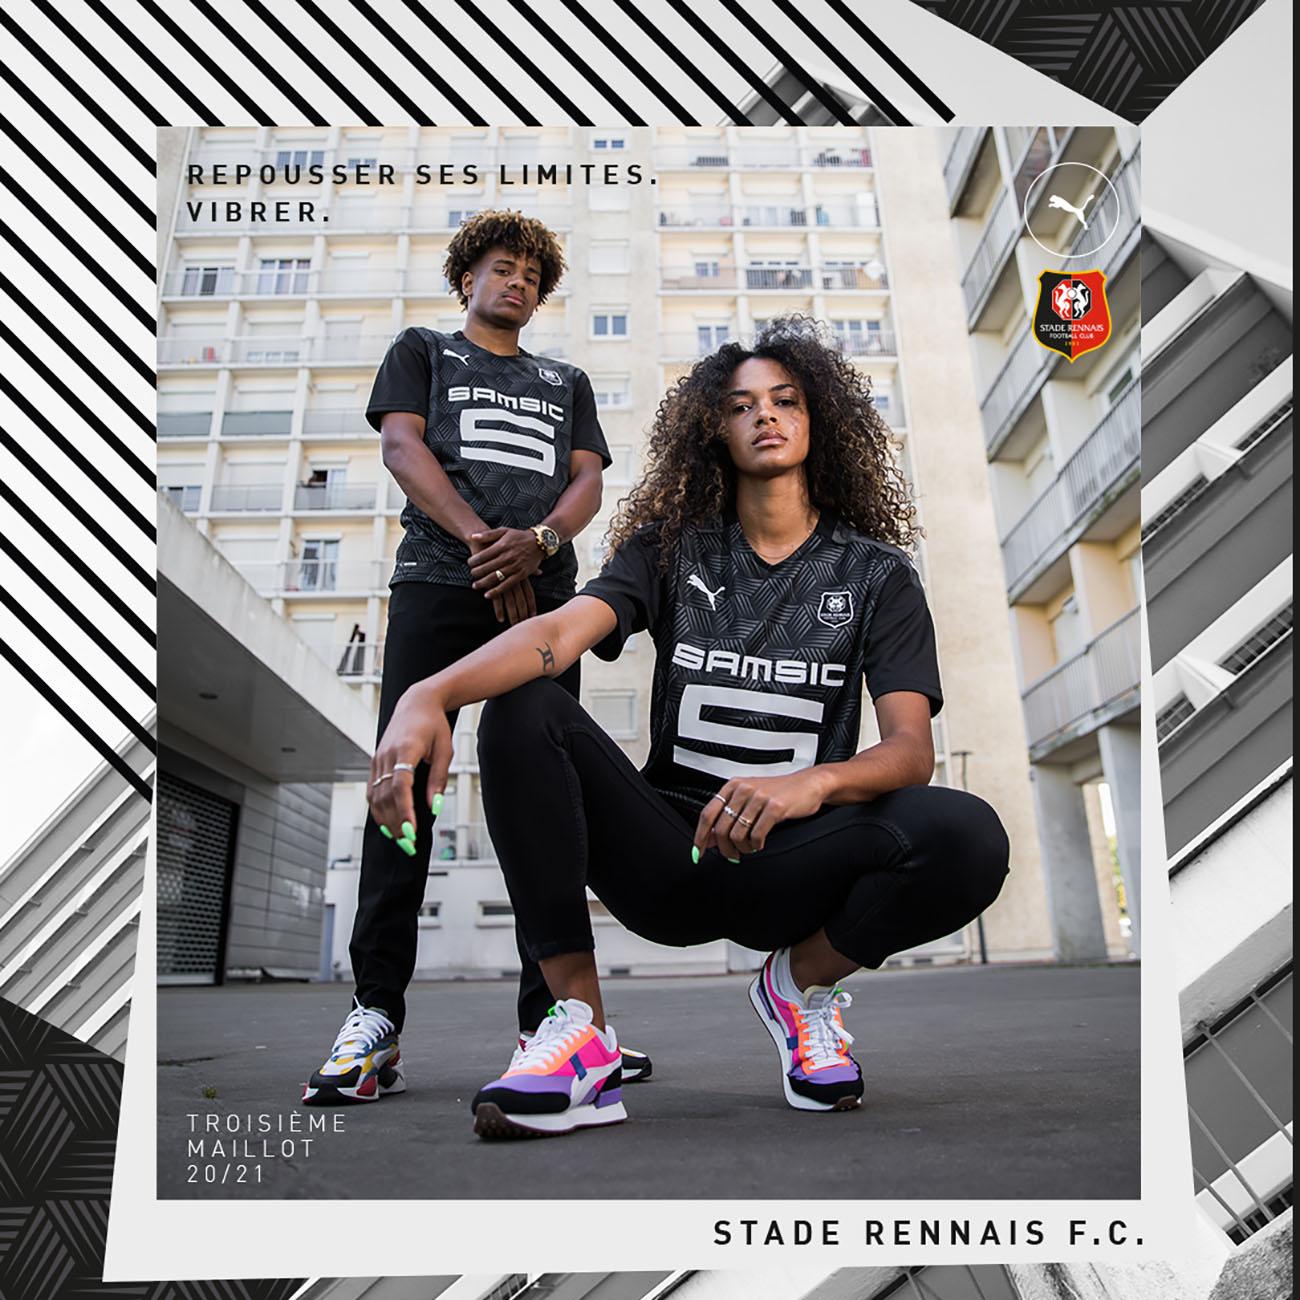 PUMA Football x Stade Rennais F.C. Maillot Third